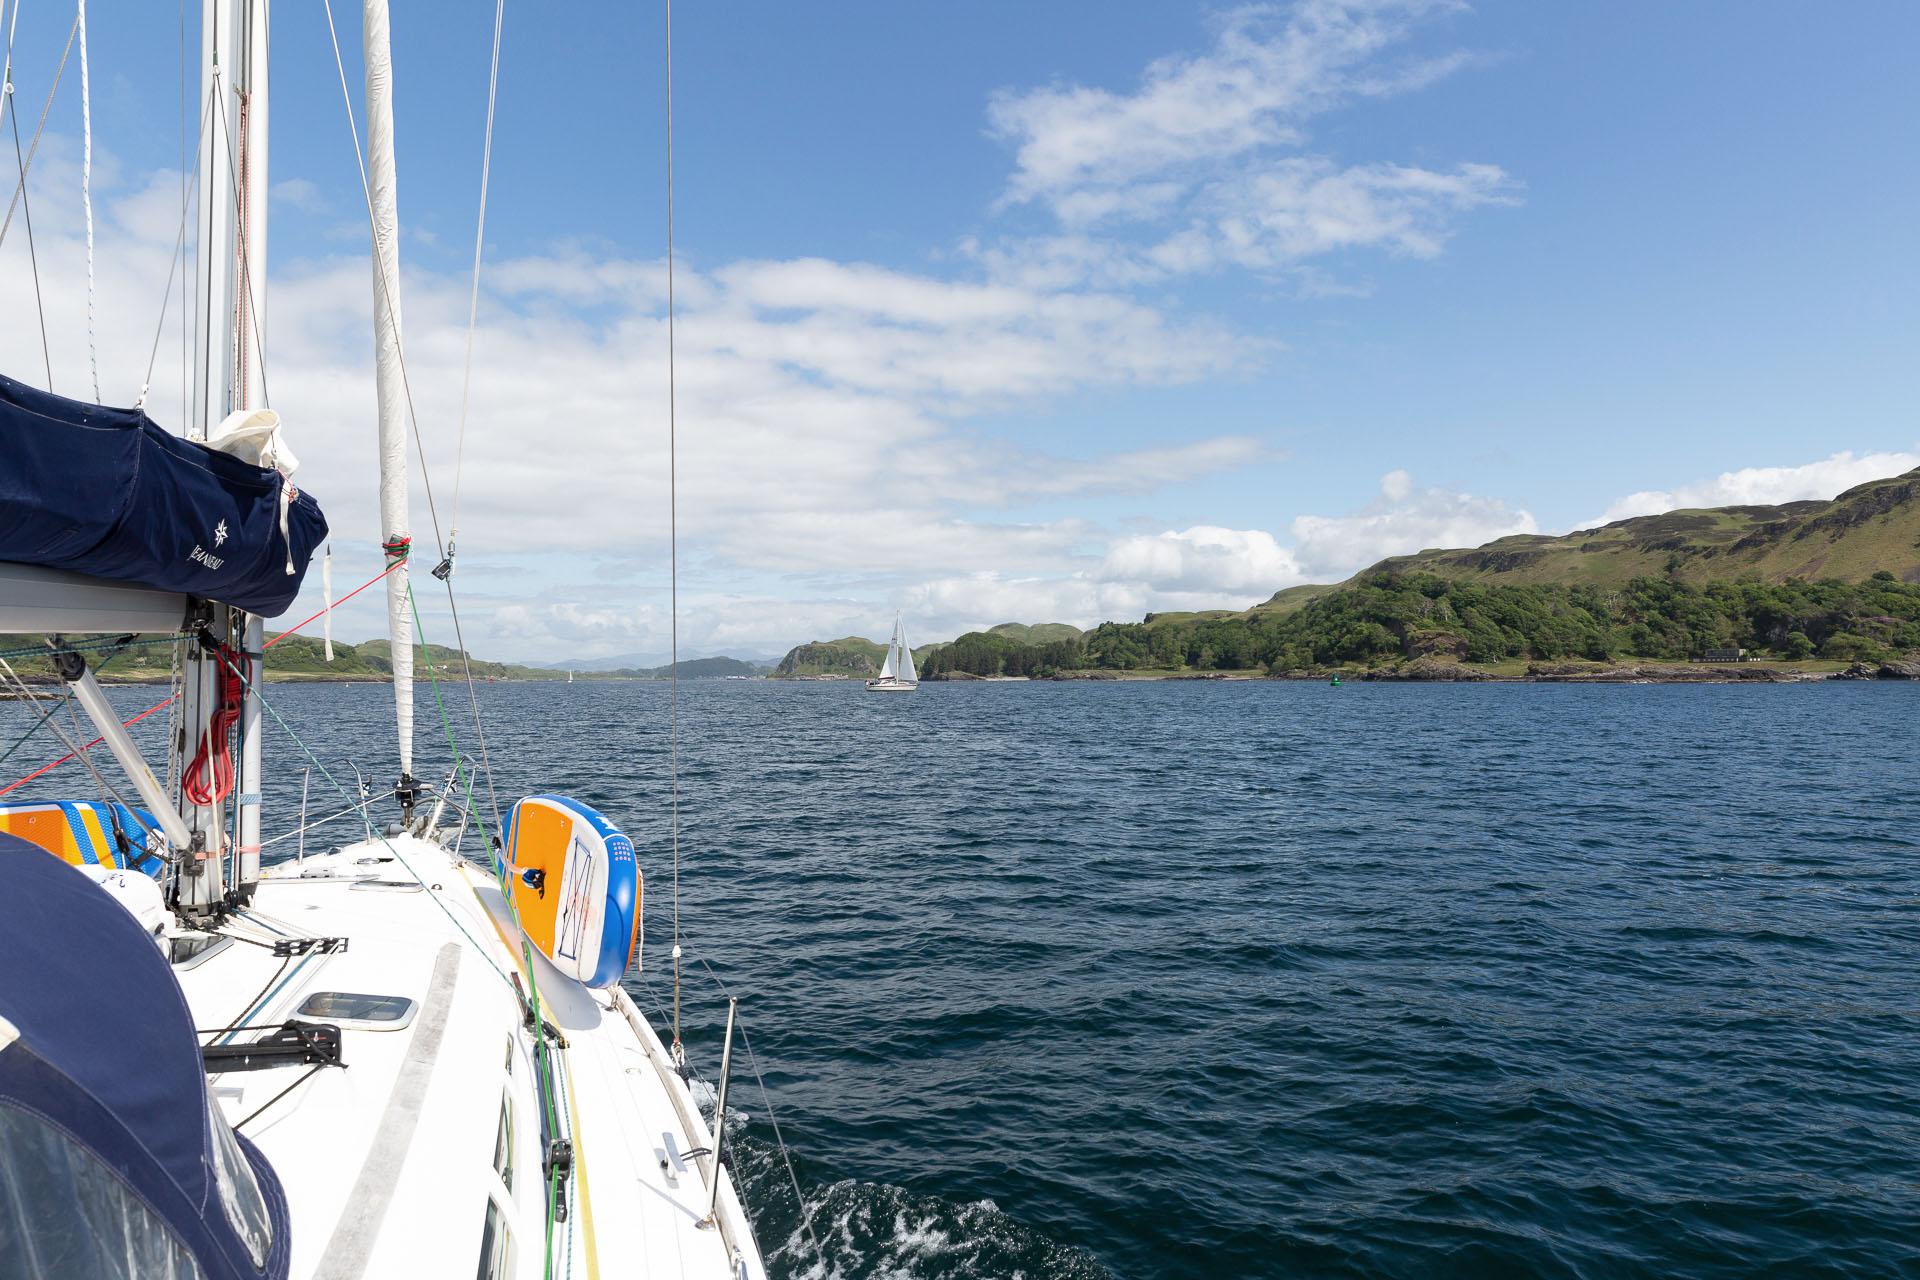 Stravaigin sailing from boat